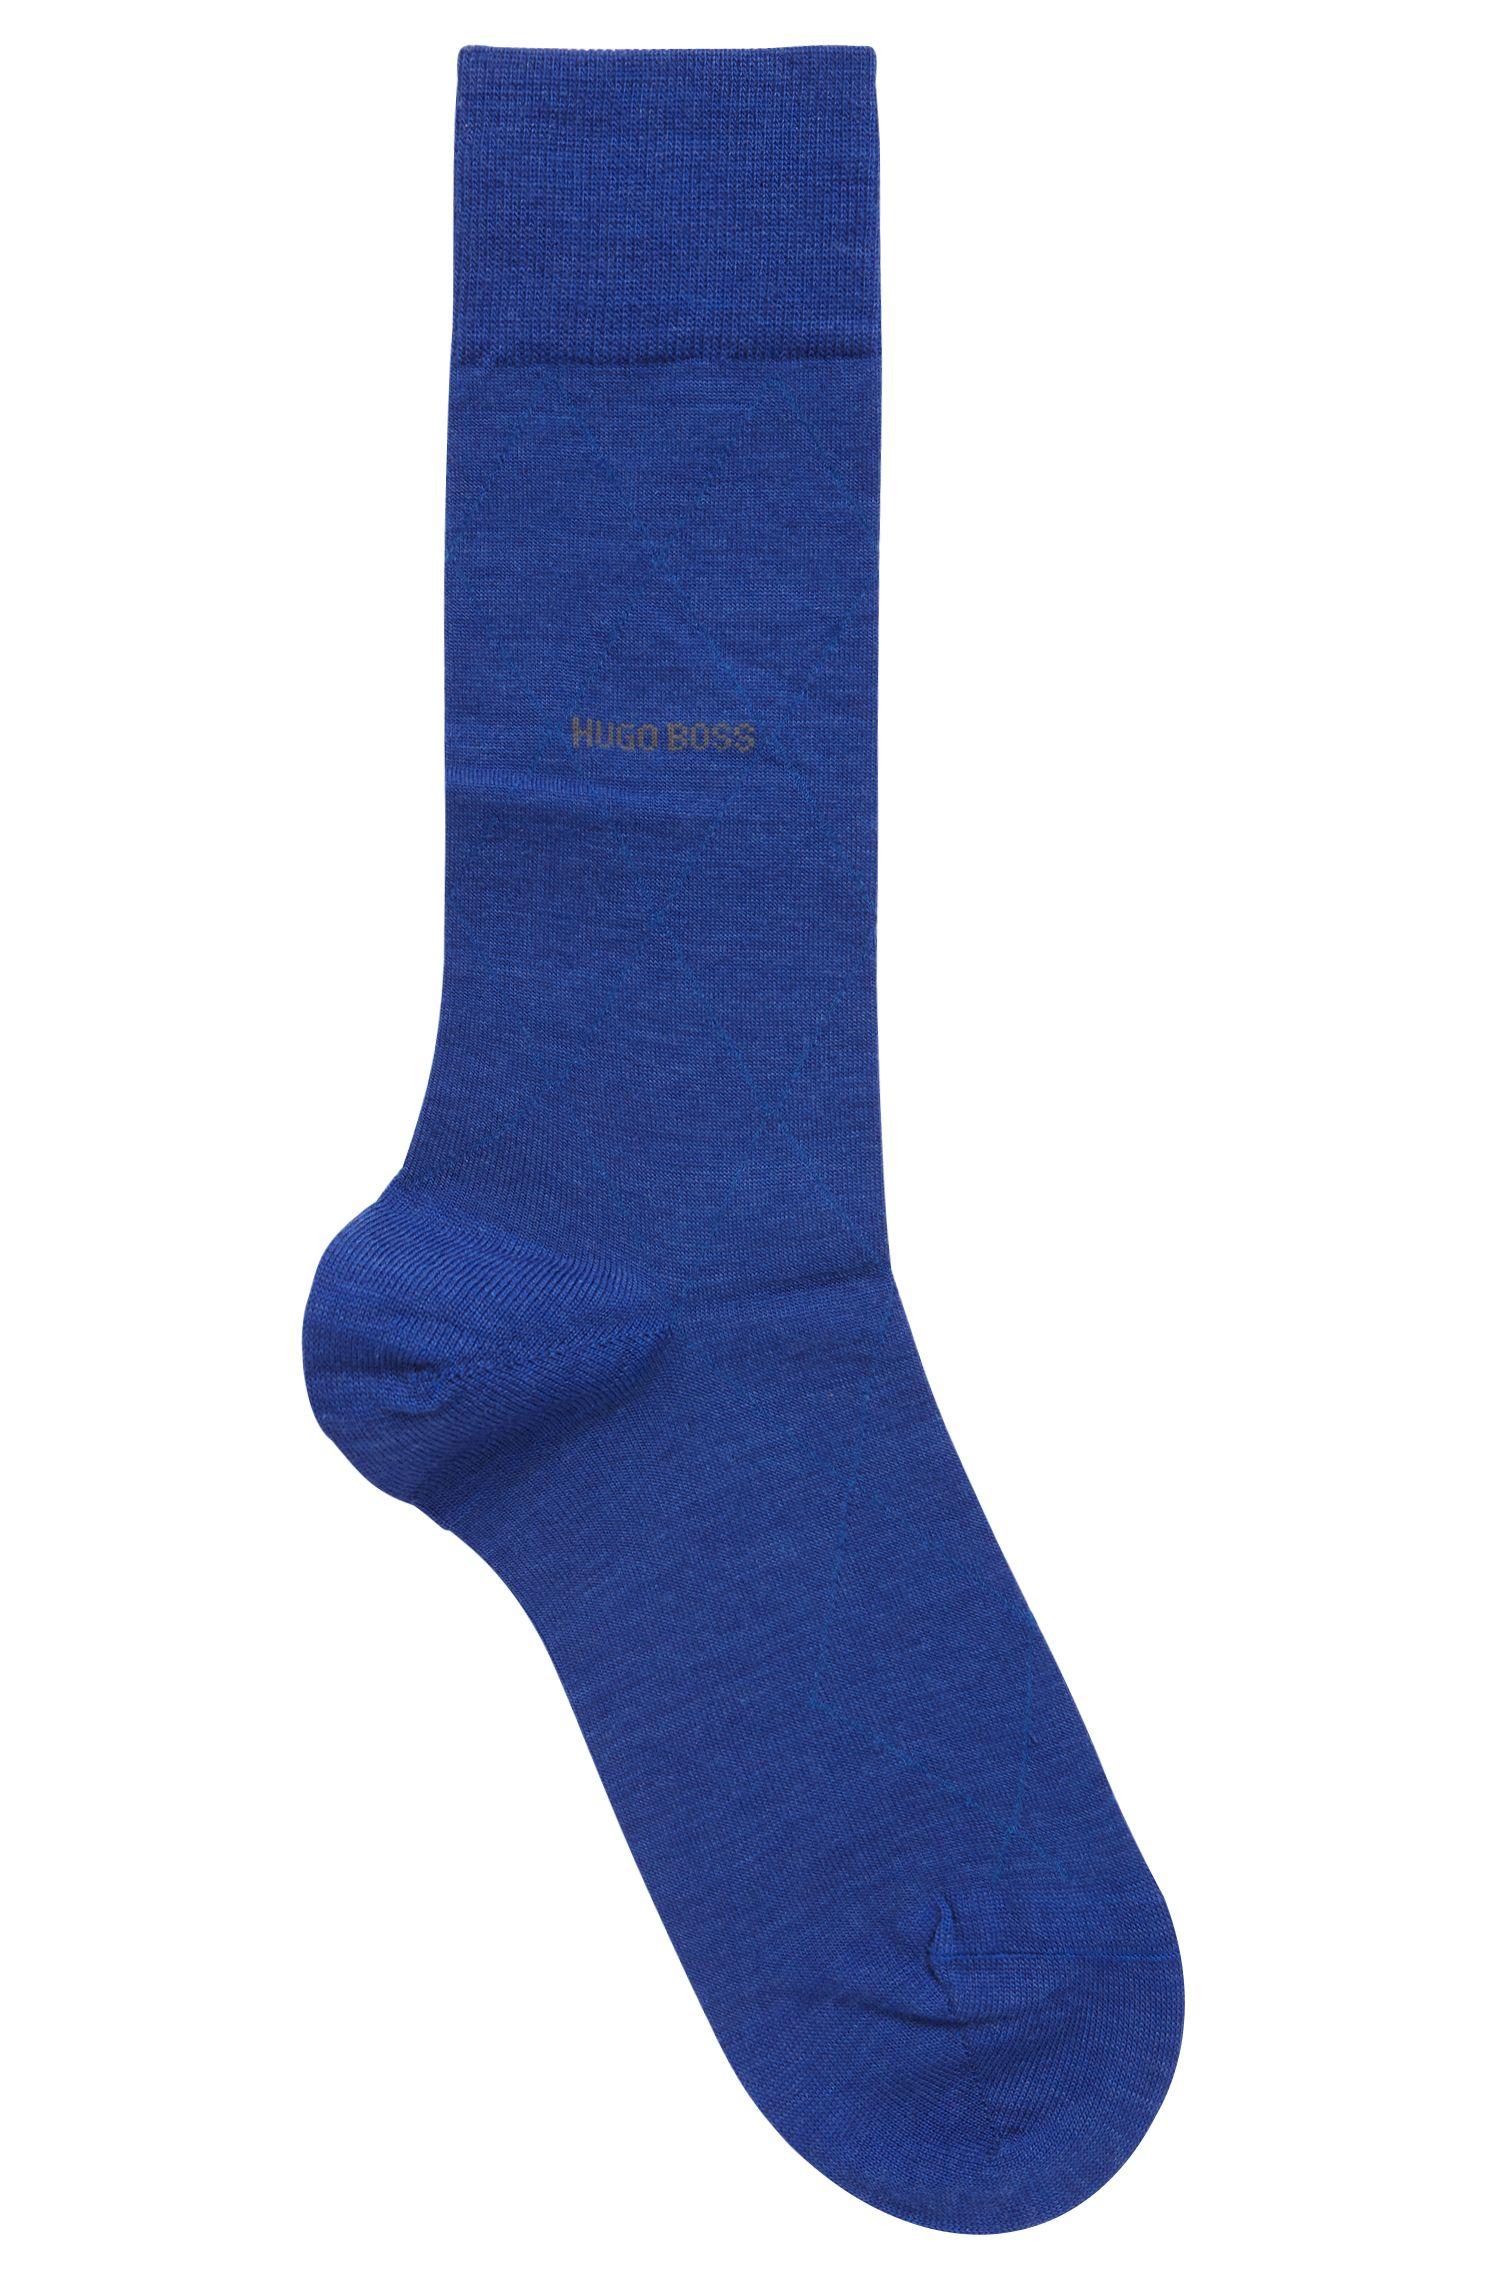 Calcetines de largo normal en mezcla de lana con logo en contraste, Azul